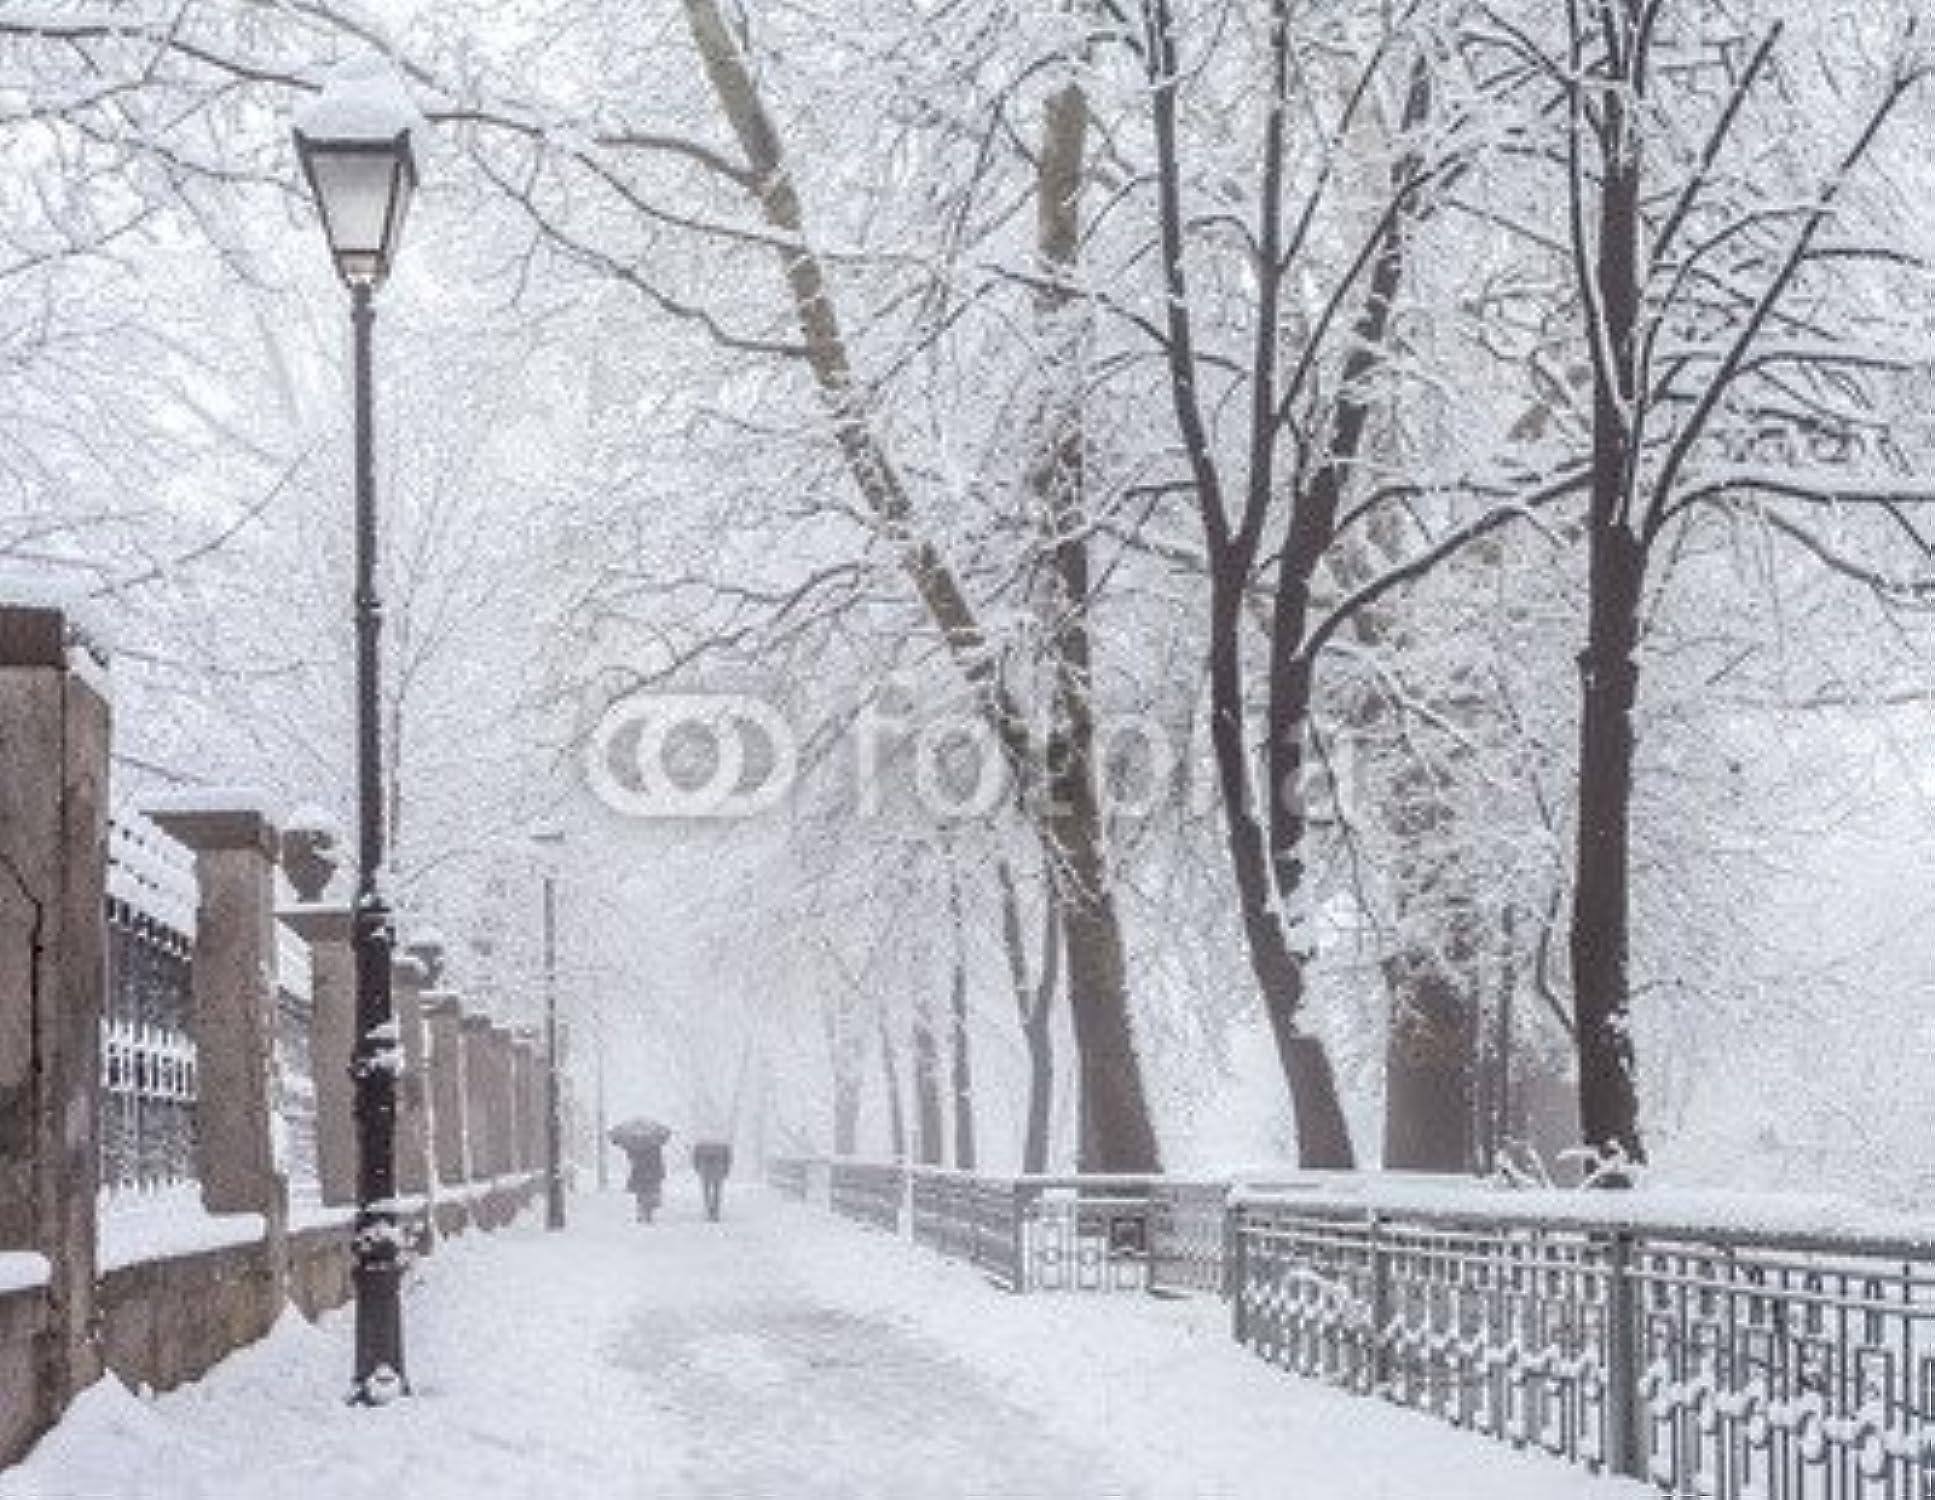 Diseo de invierno City Park en de la maana (70170449), lona, 50 x 40 cm